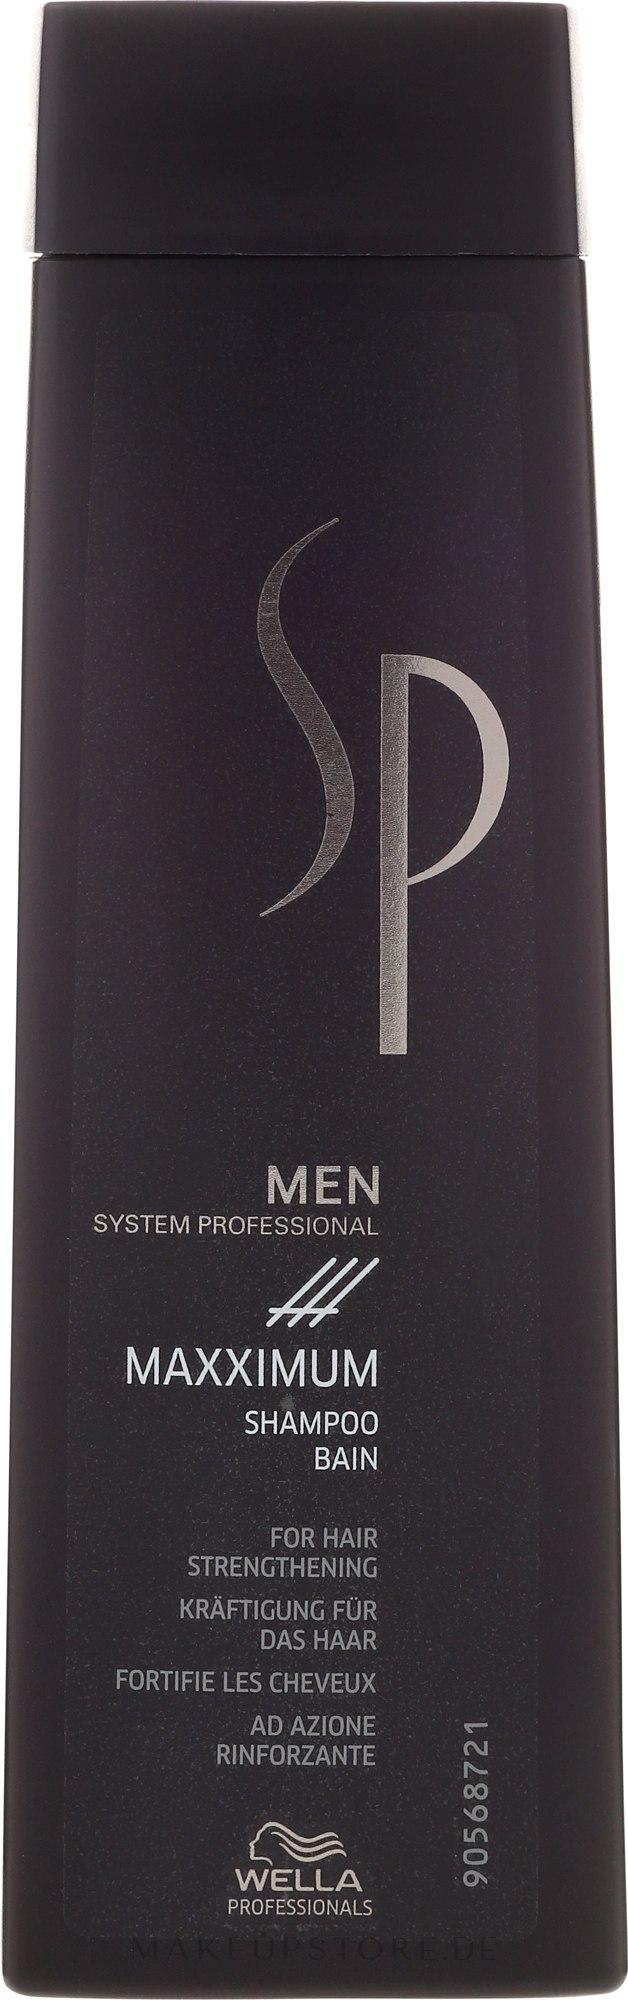 Kräftigendes und stimulierendes Shampoo für Männer - Wella SP Men Maxximum Shampoo — Bild 250 ml